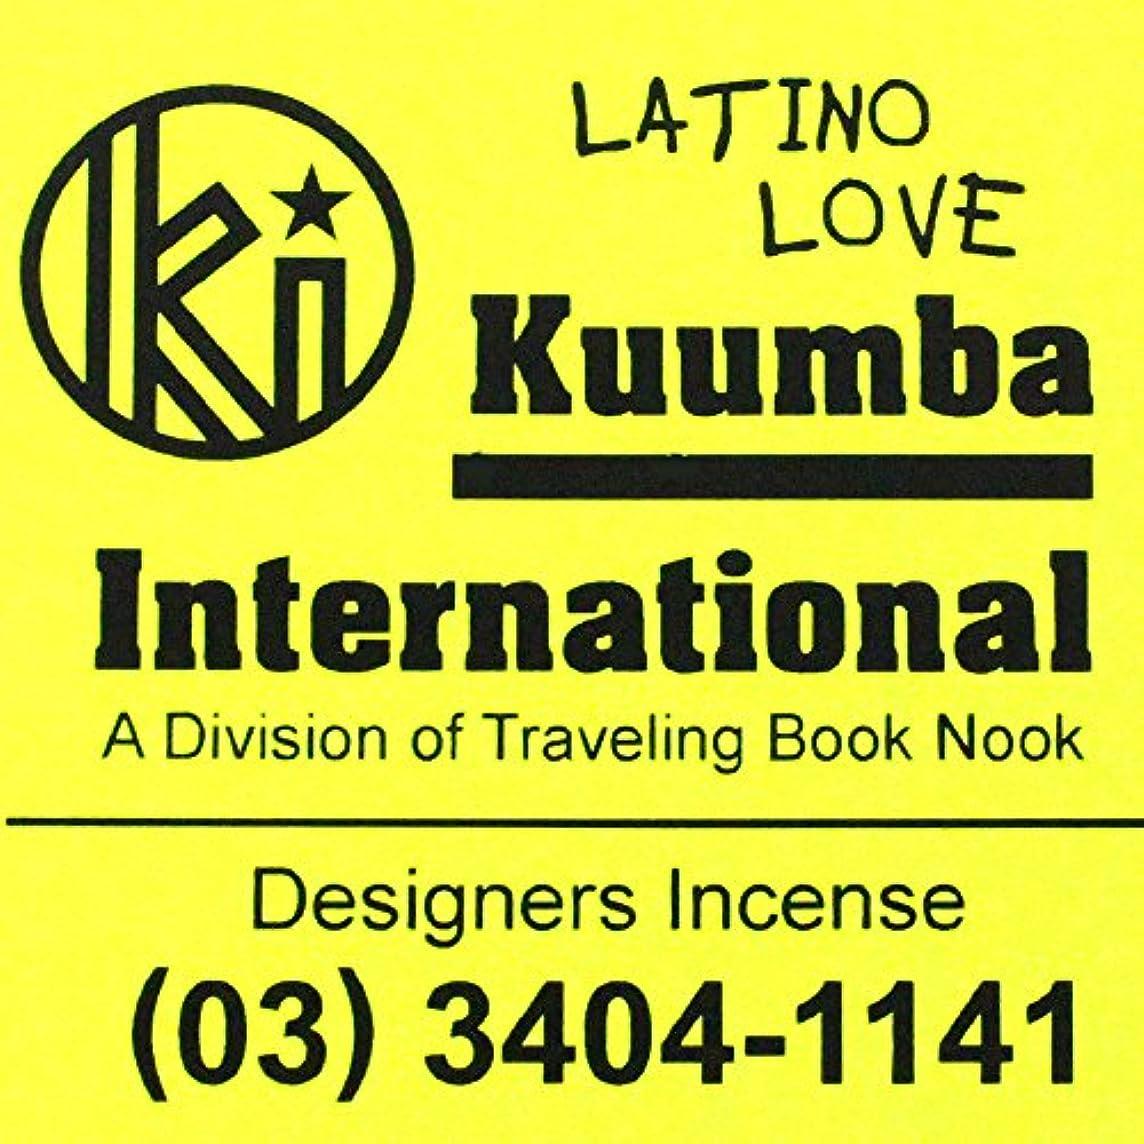 天才徒歩で内部(クンバ) KUUMBA『incense』(LATINO LOVE) (Regular size)